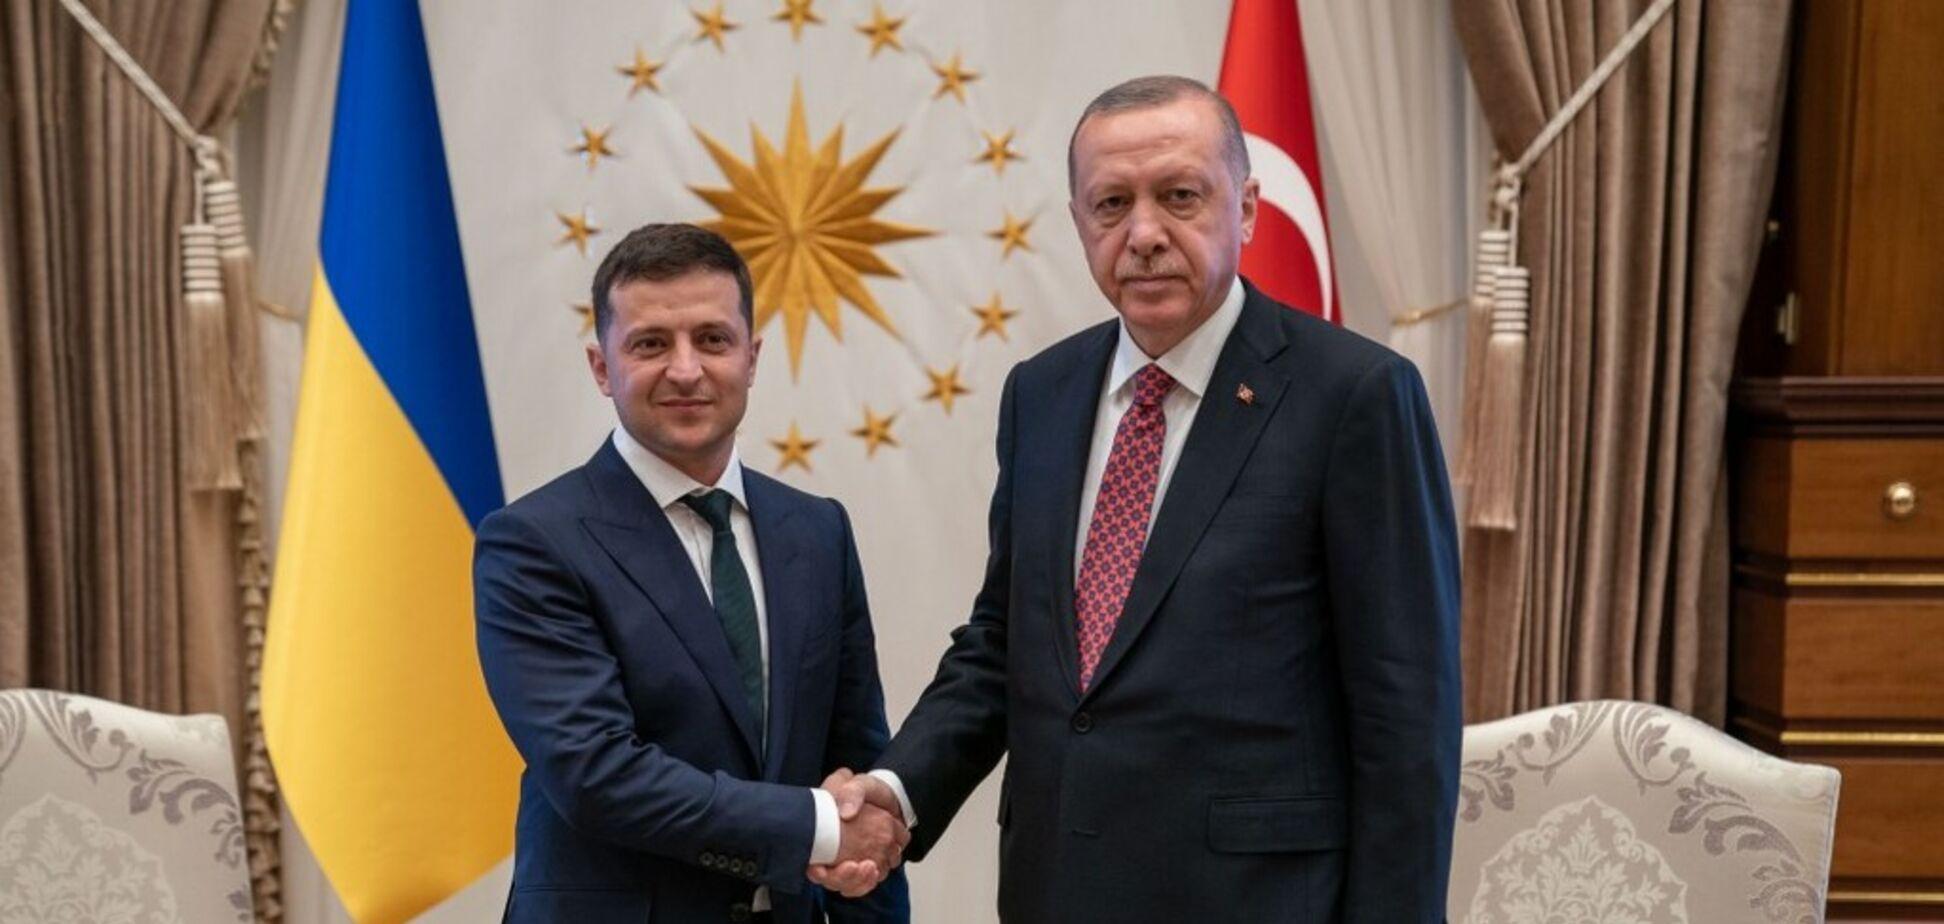 Зеленский и Эрдоган провели успешные переговоры